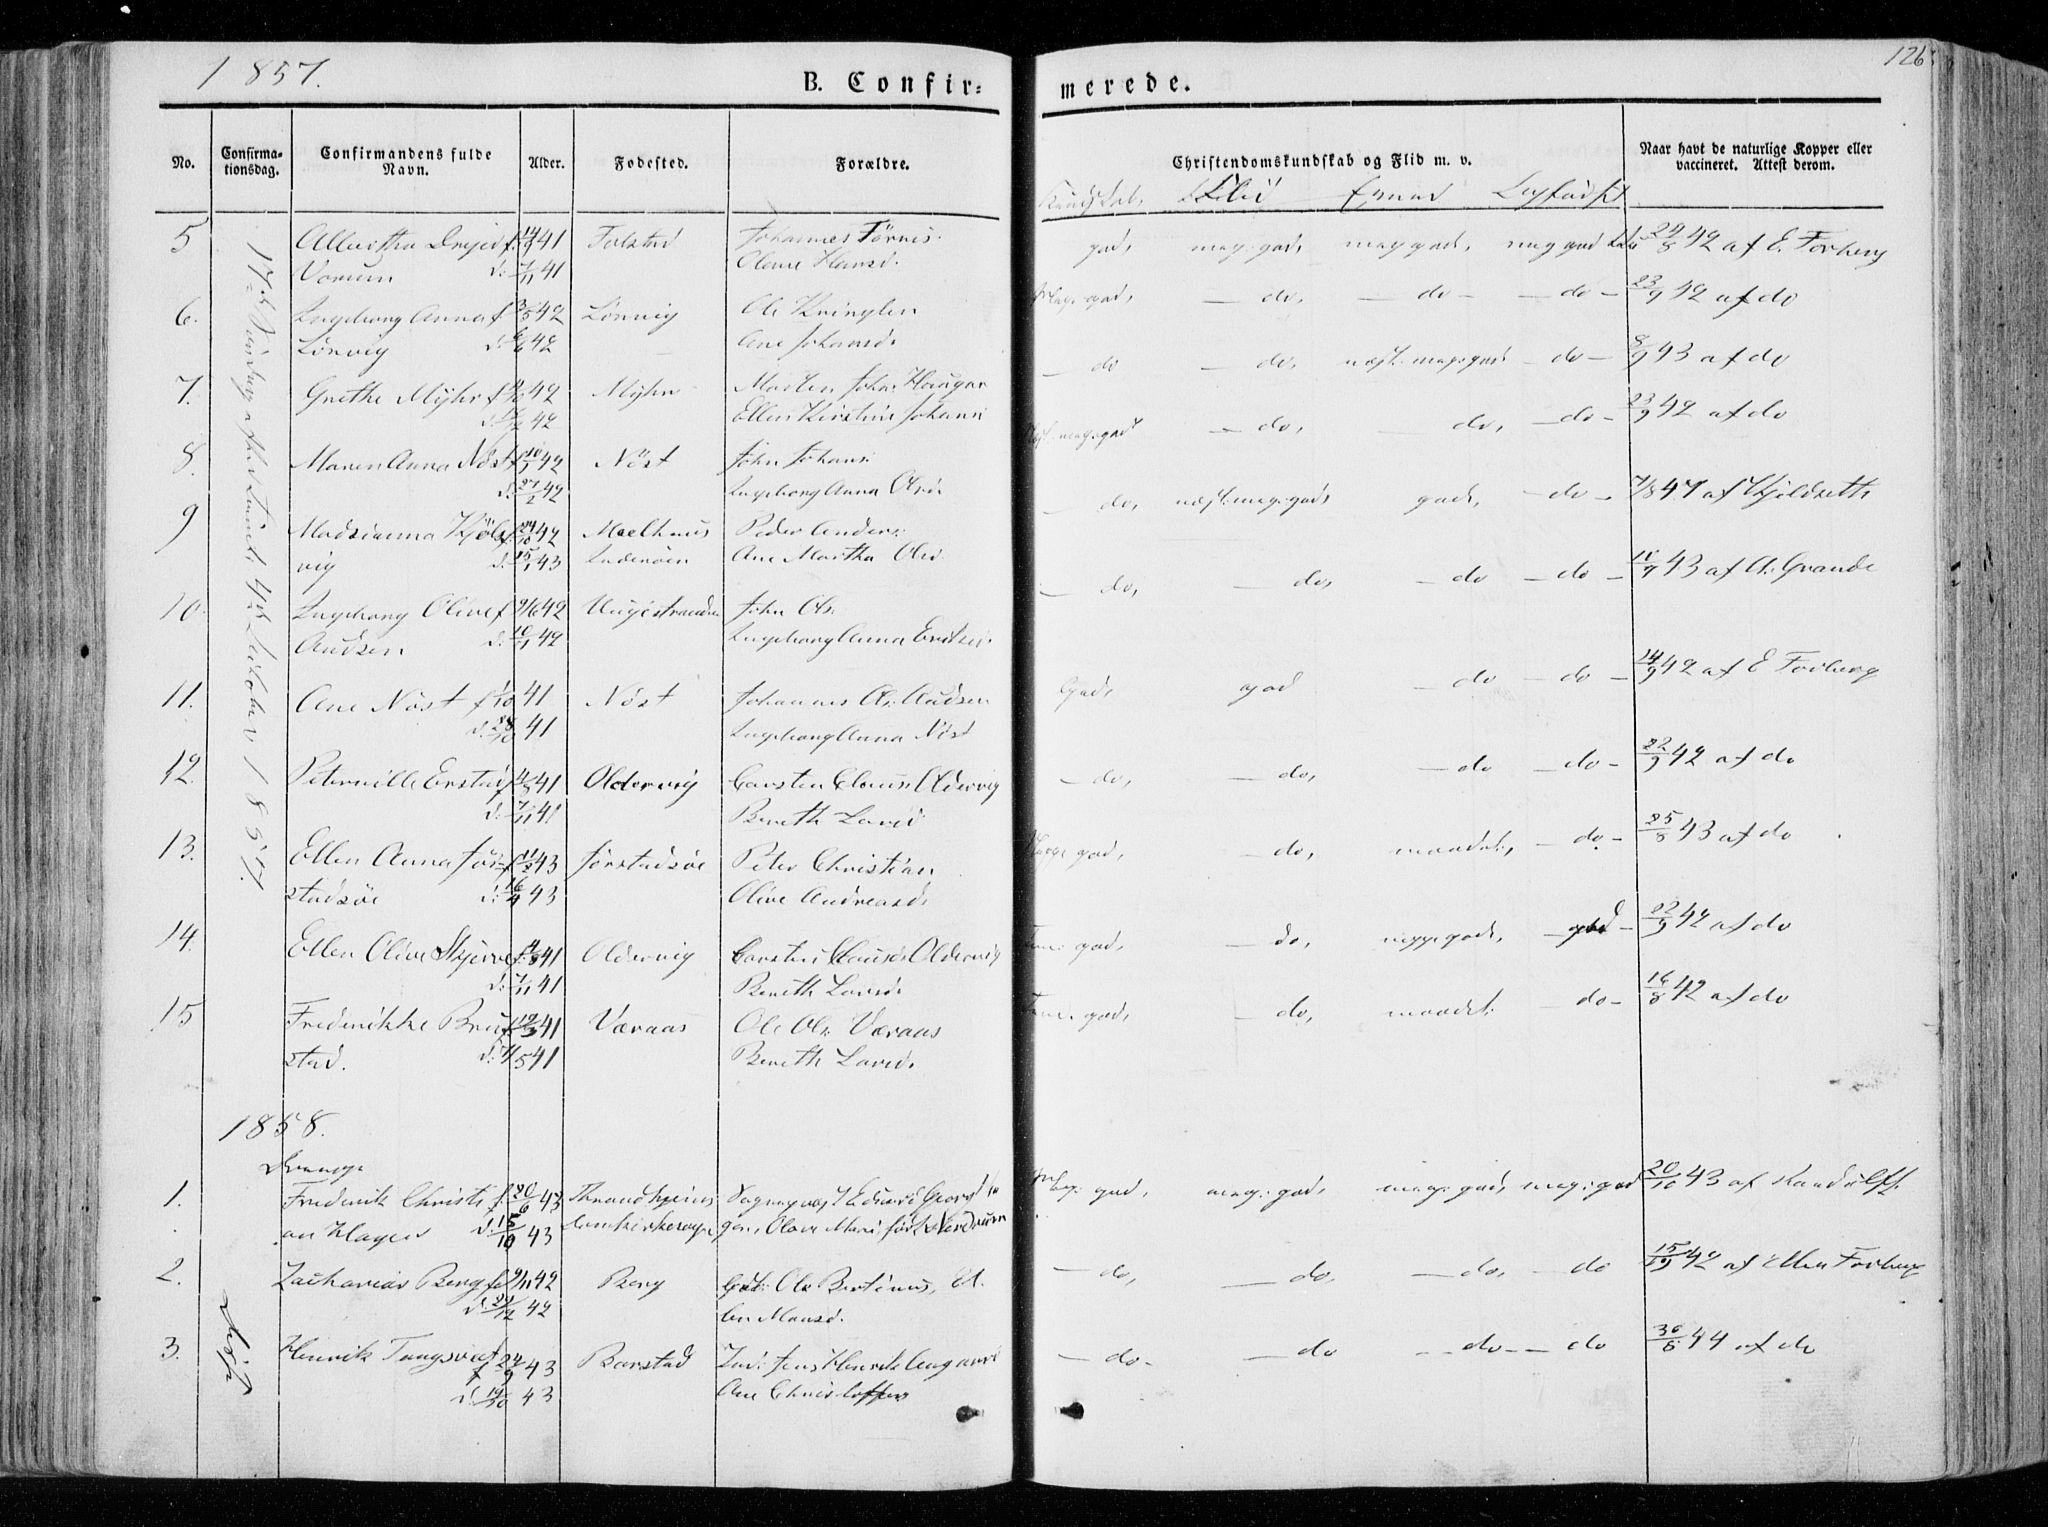 SAT, Ministerialprotokoller, klokkerbøker og fødselsregistre - Nord-Trøndelag, 722/L0218: Ministerialbok nr. 722A05, 1843-1868, s. 126